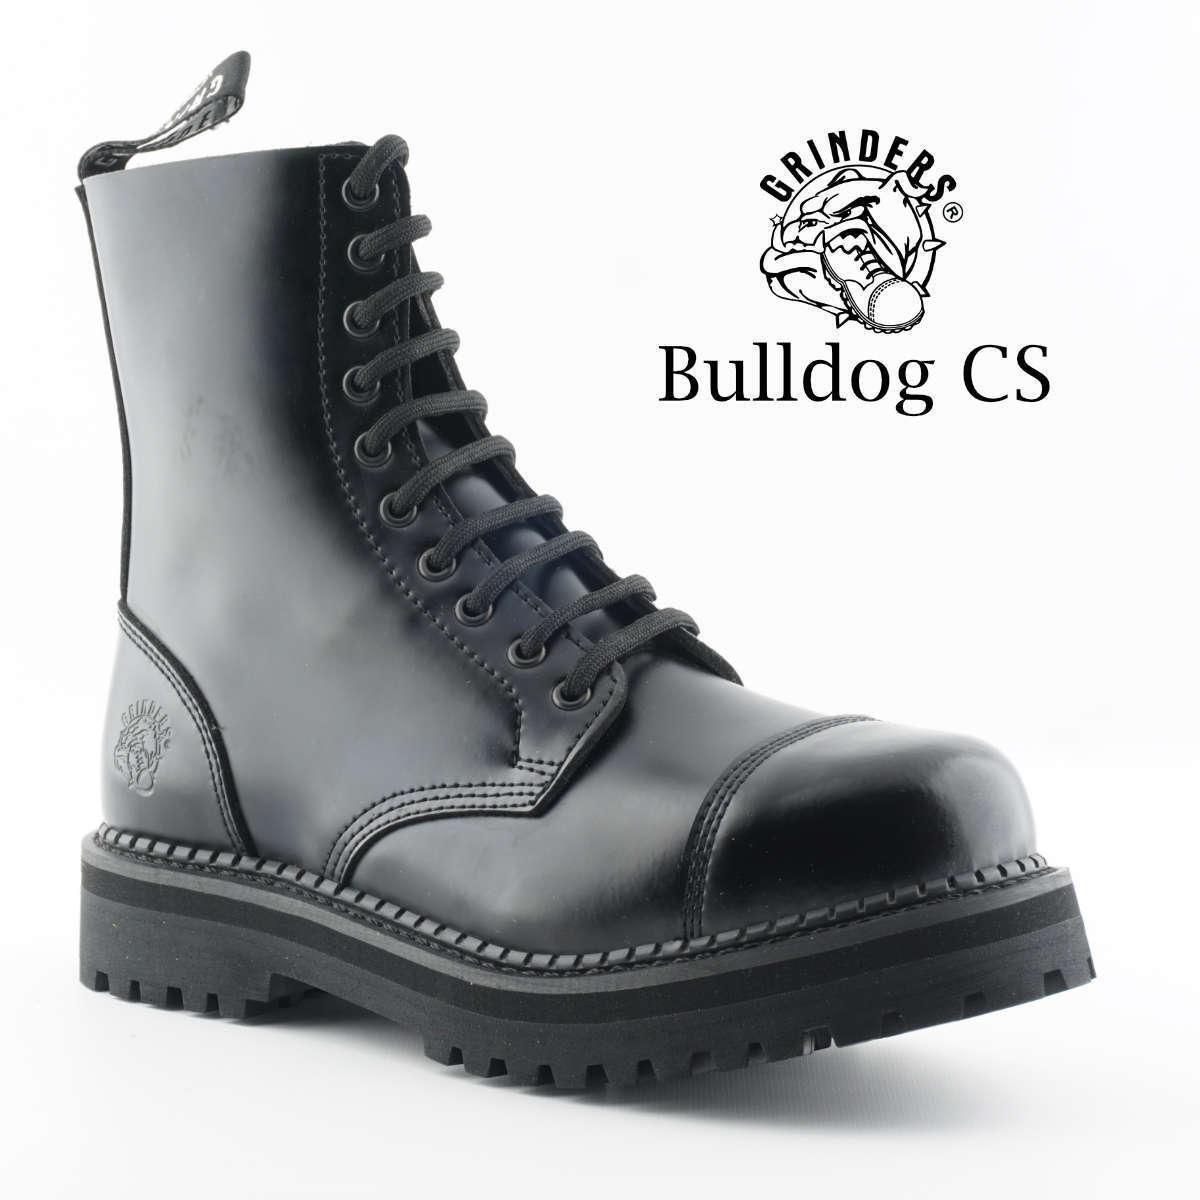 Grinders Bulldog CS Negro Cuero con Cordones Goodyear Welted botas Motorista Puntera De Acero